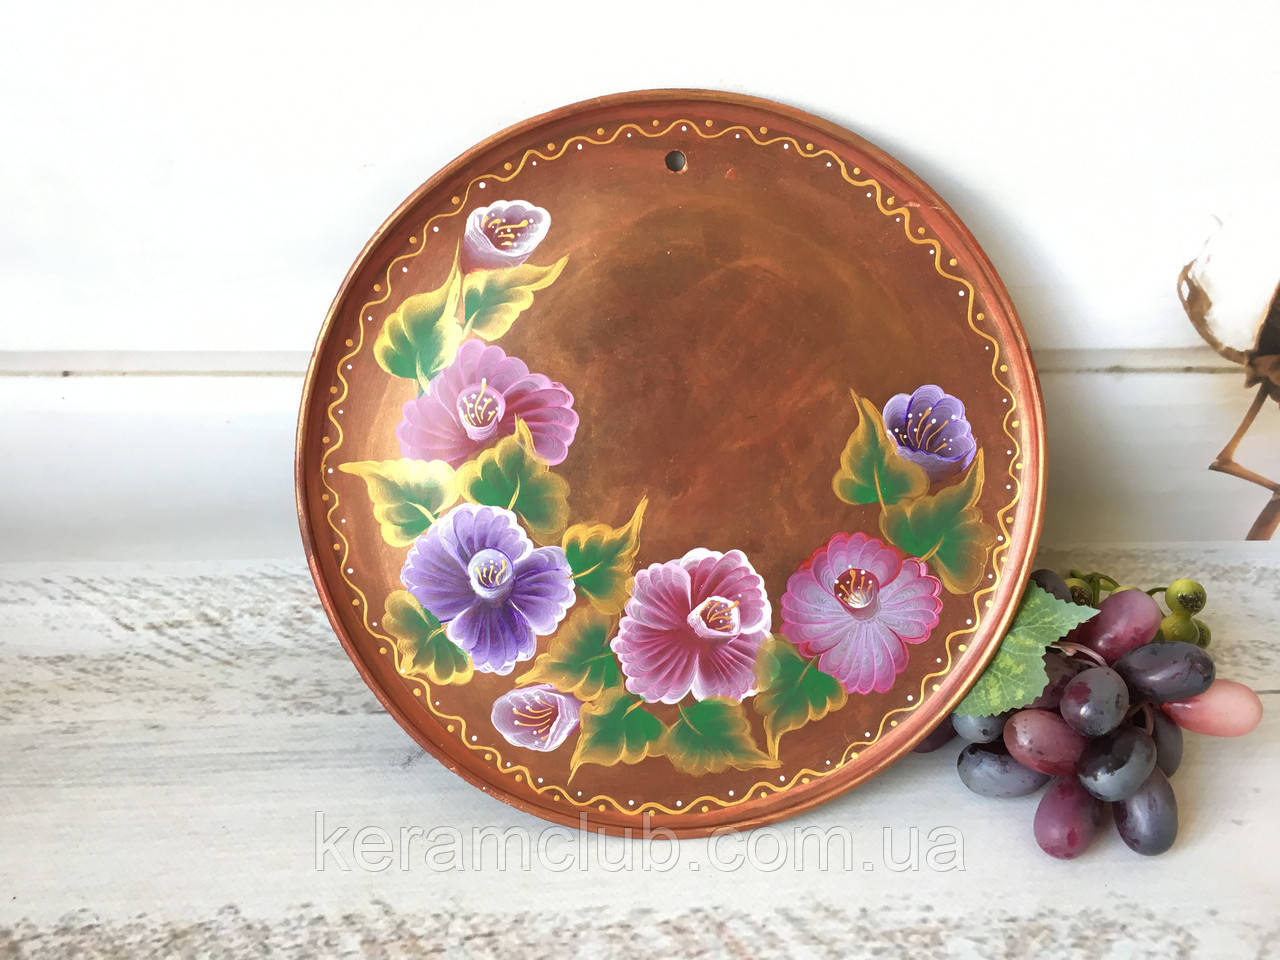 Настенное панно с ручной росписью Фиалка